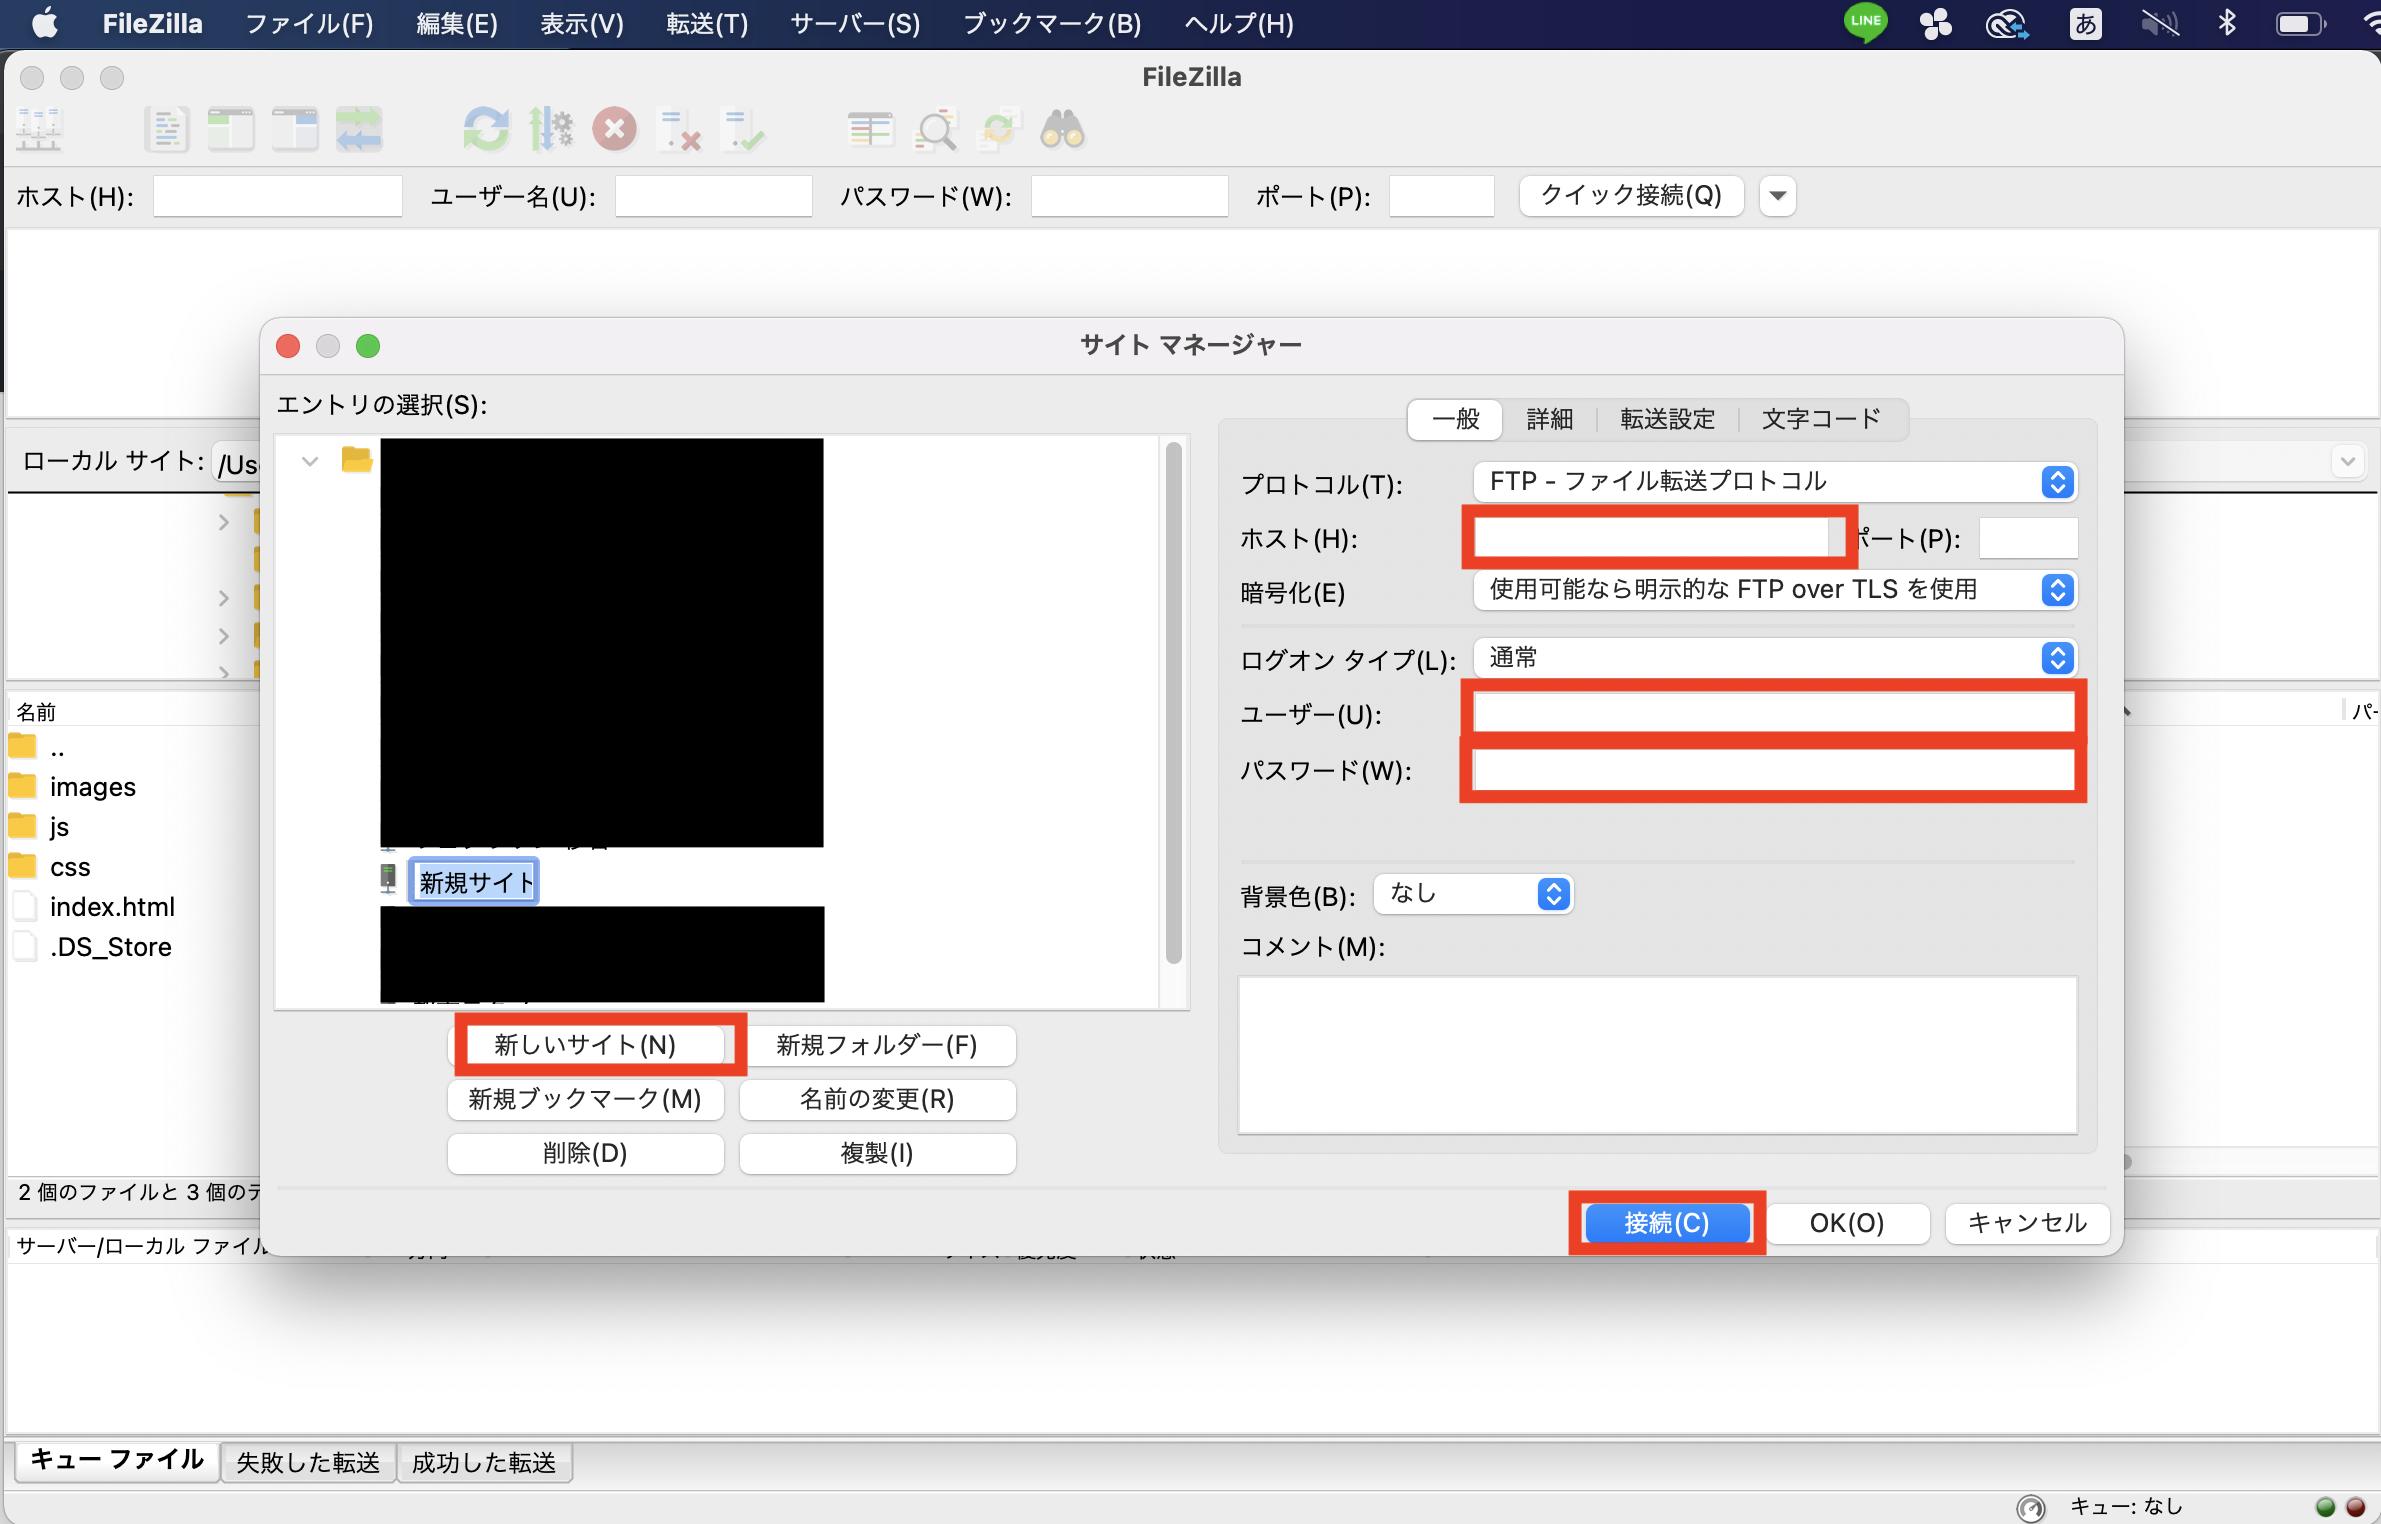 スクリーンショット-2021-06-02-11.03.31